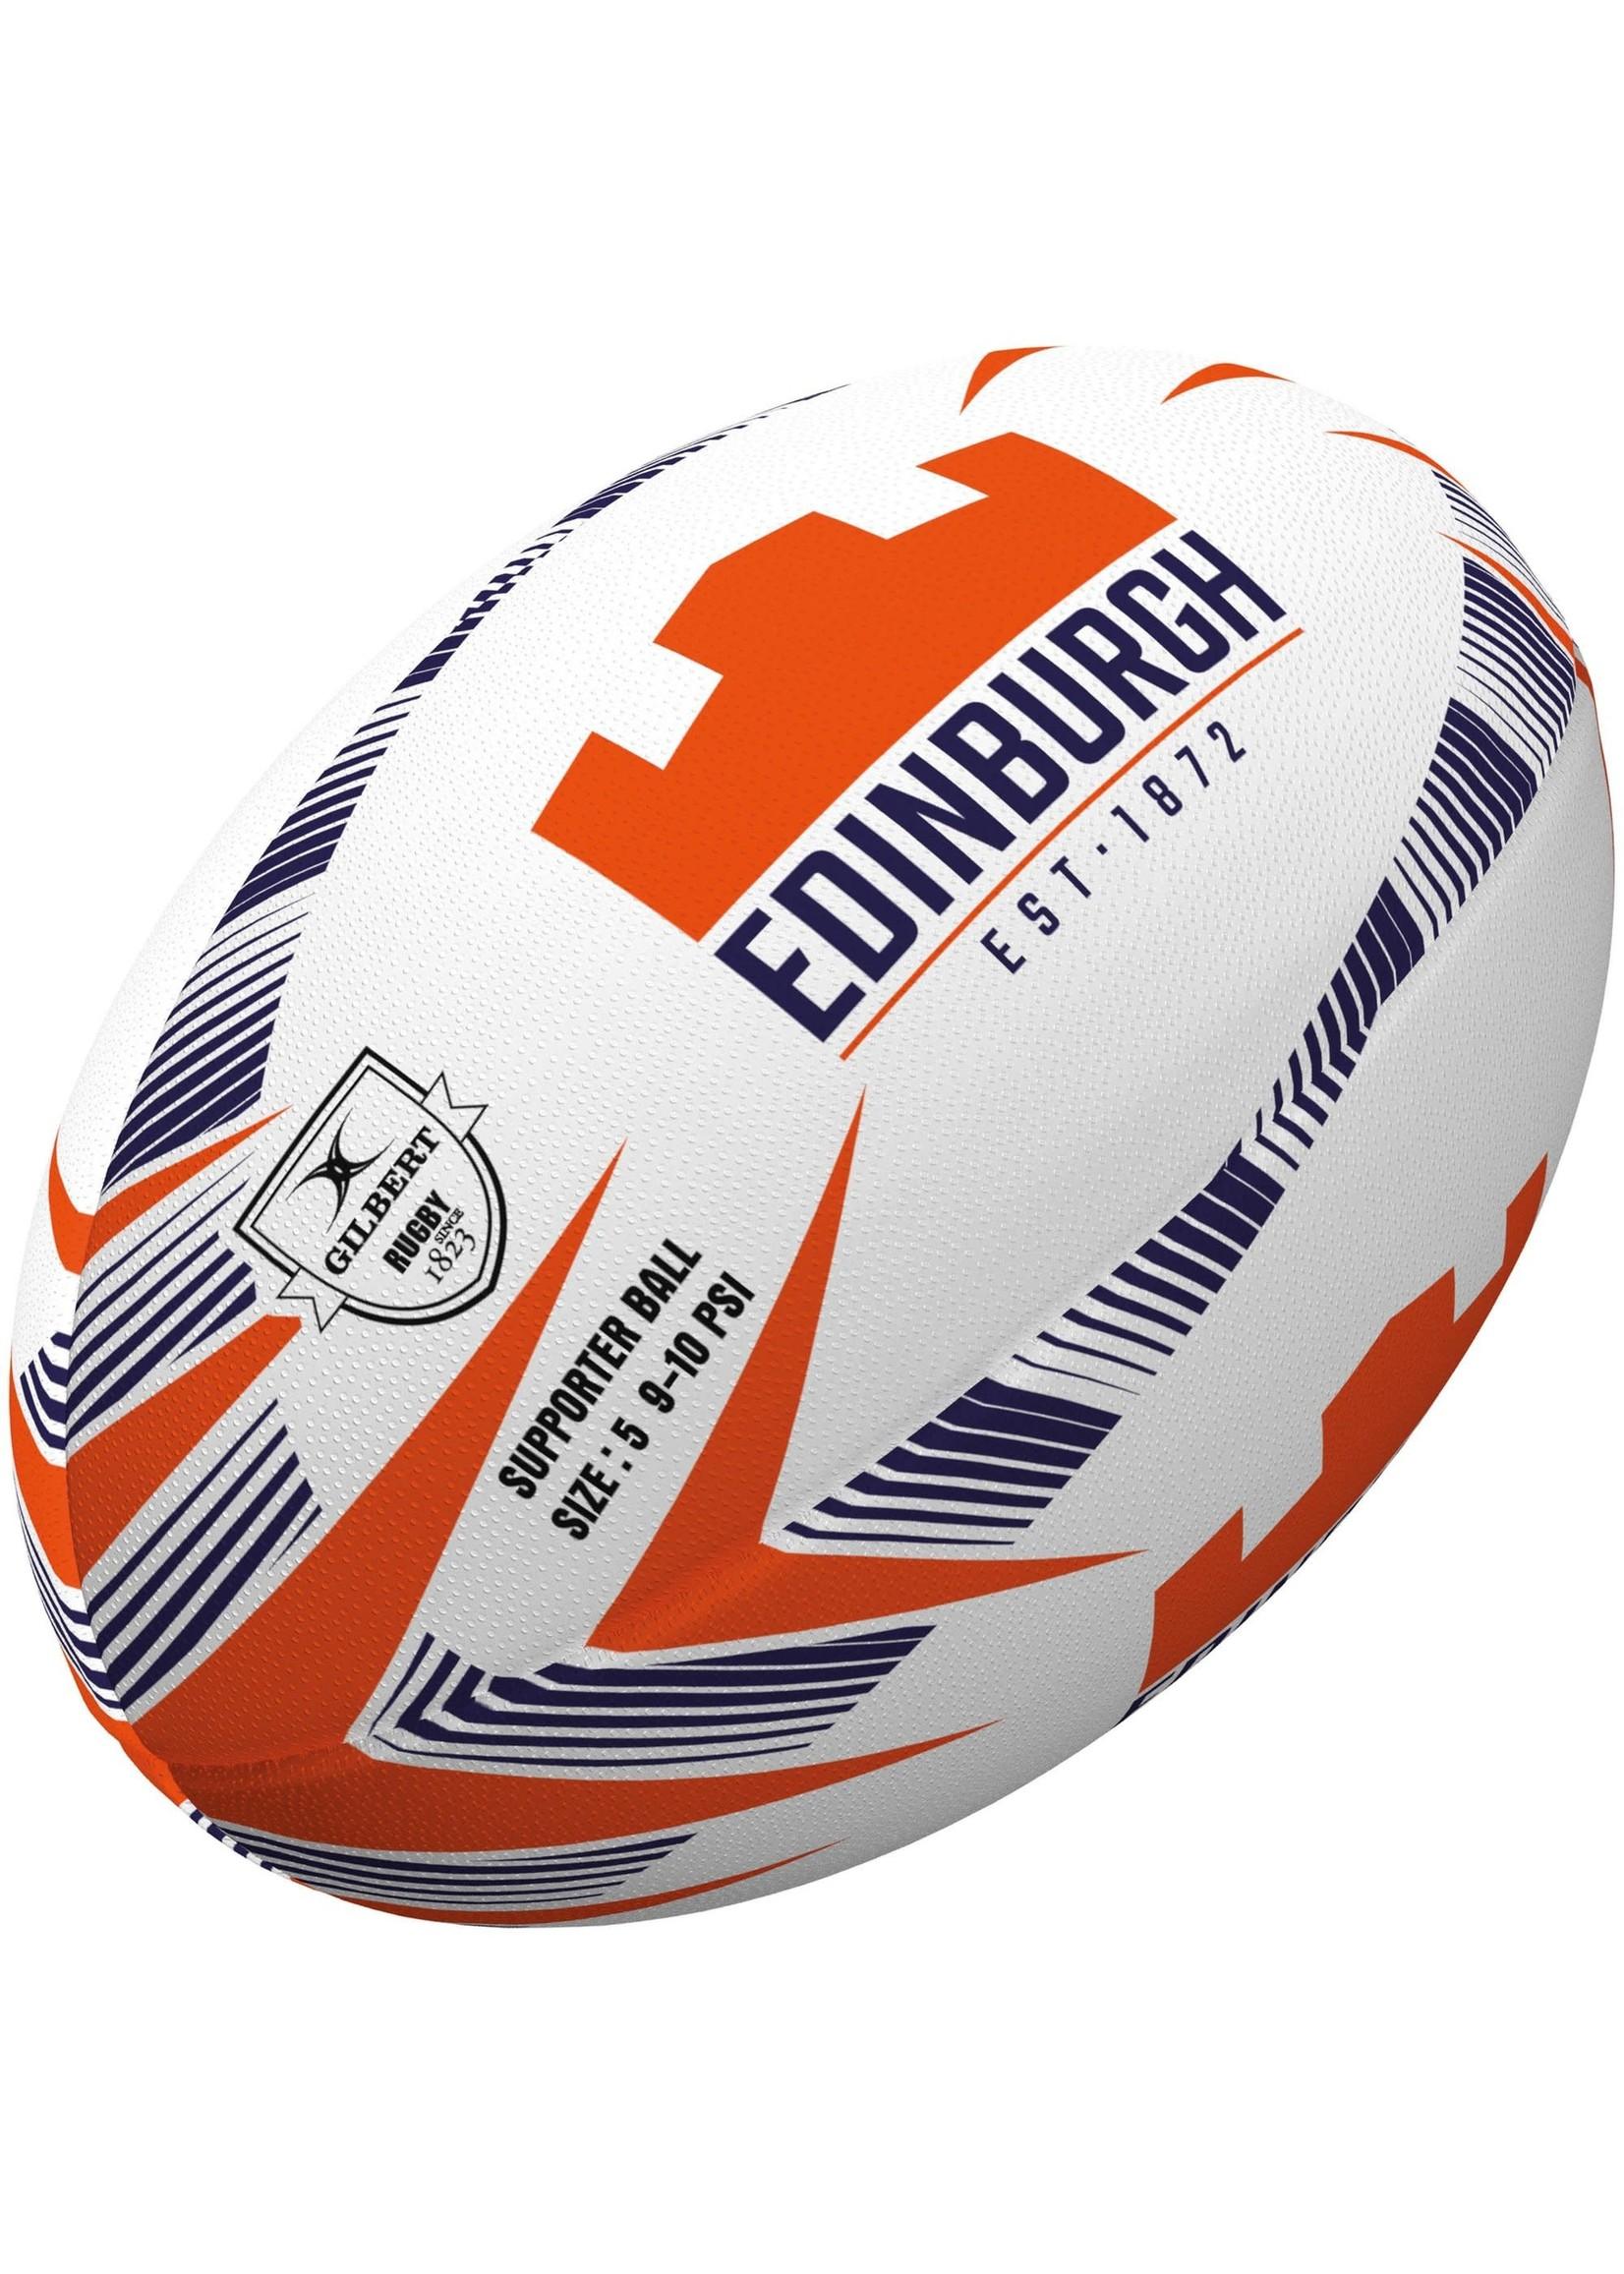 Gilbert Gilbert Edinburgh Supports Ball